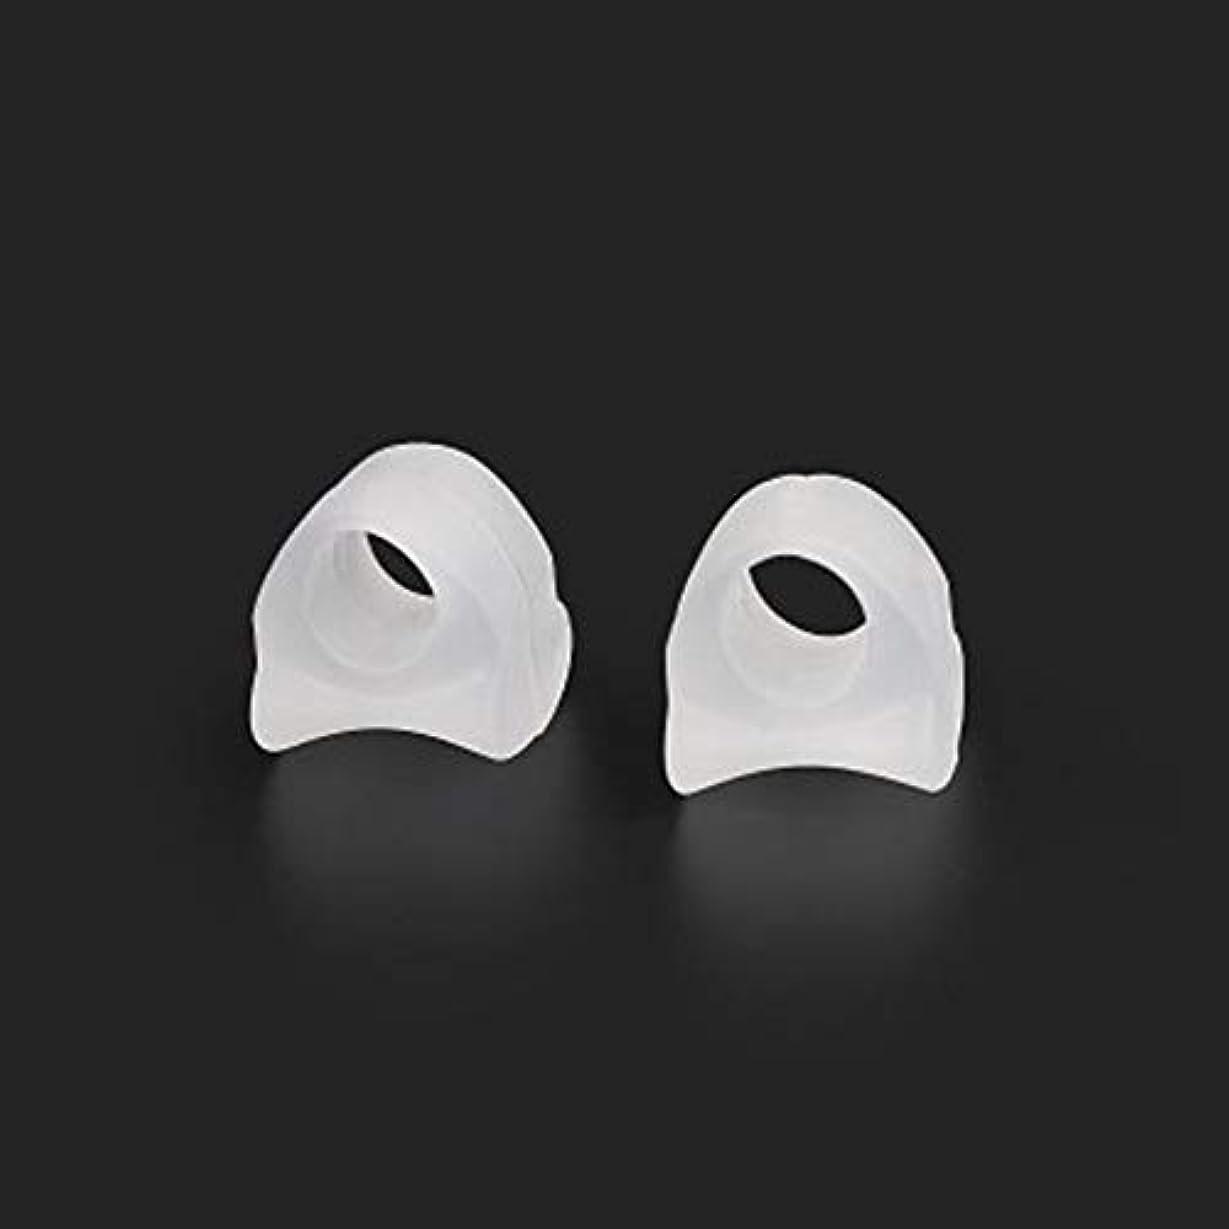 テザーポゴスティックジャンプ威信AAcreatspace Ring Shape Gel Toe Separator Toe Bunion Hallux Valgus Toe Stretchers for Men and Womenすぐに痛みを軽減するイージーウェア